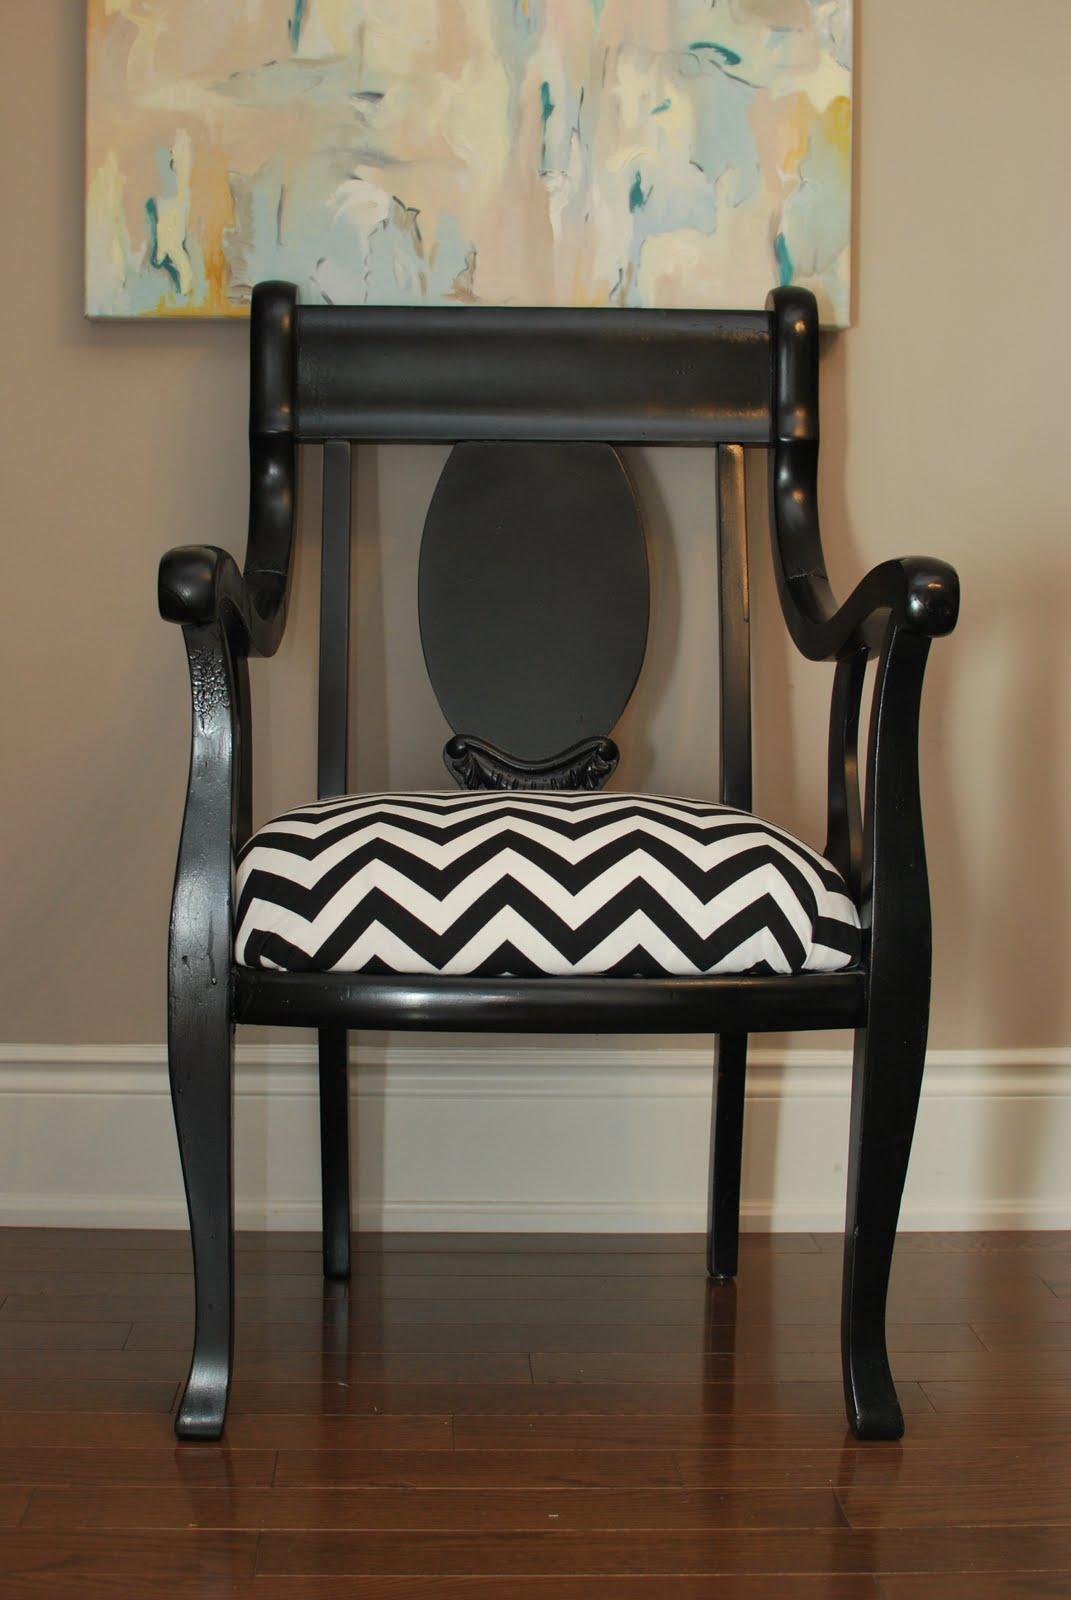 http://4.bp.blogspot.com/_Cq9ZHL9A6G0/THL0-mdhiRI/AAAAAAAAE04/uUITKsZ7peo/s1600/diy+chair+030.JPG